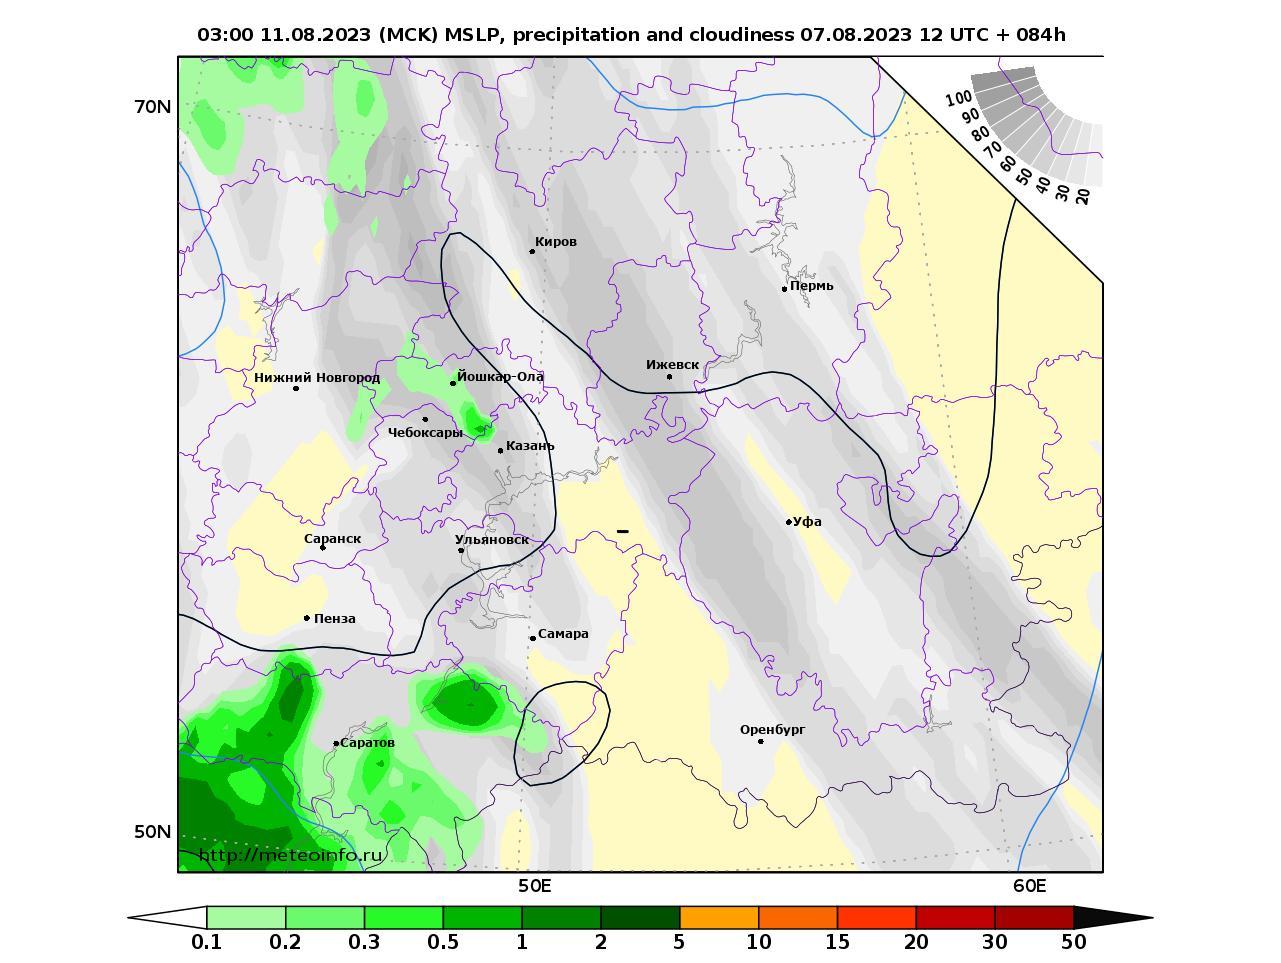 Приволжский Федеральный округ, прогностическая карта осадки и давление, заблаговременность прогноза 84 часа